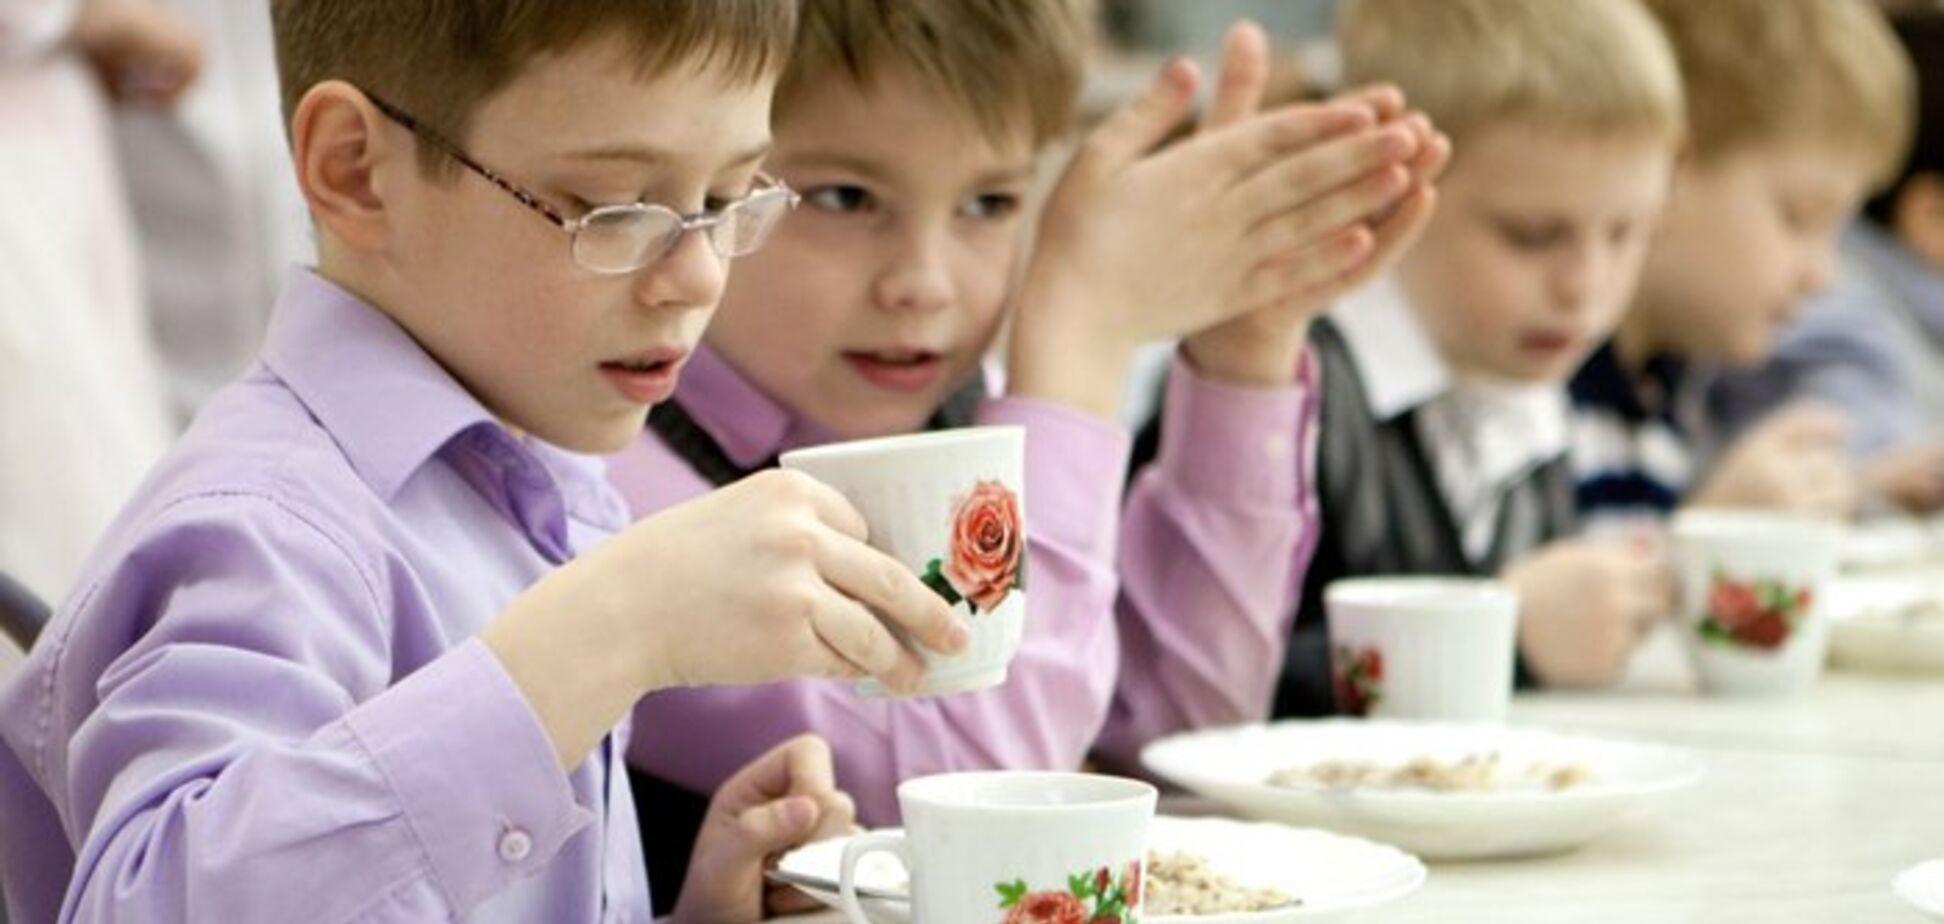 В Україні дітей безкоштовно годуватимуть в закладах освіти: кого це стосується